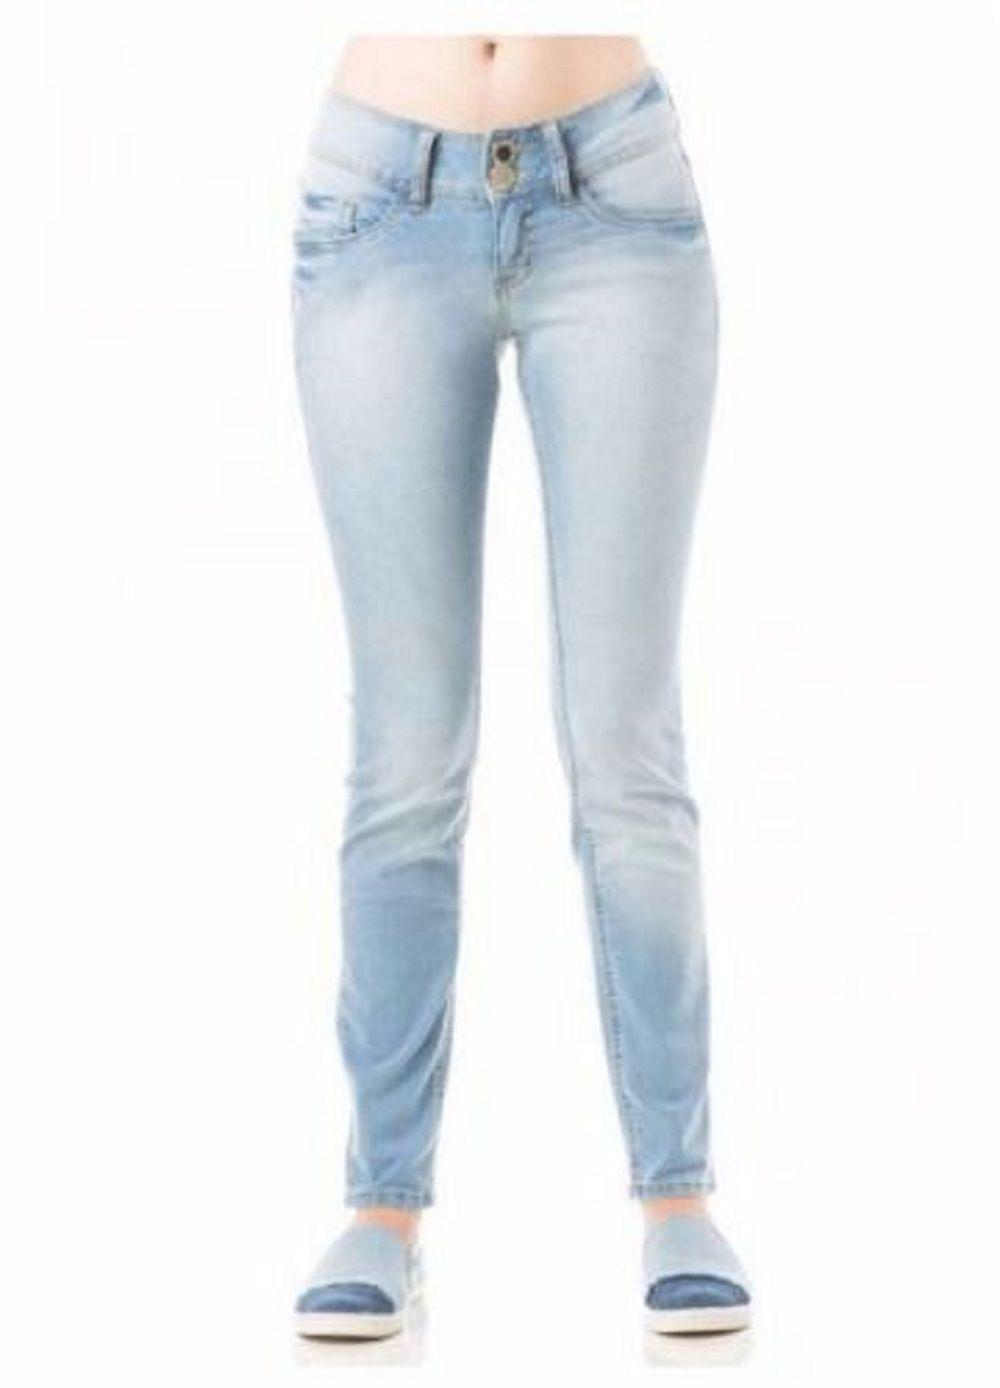 99cb64f67 Calça Feminina Jeans Eventual Cigarrete Skinny Evt - Tequila Store